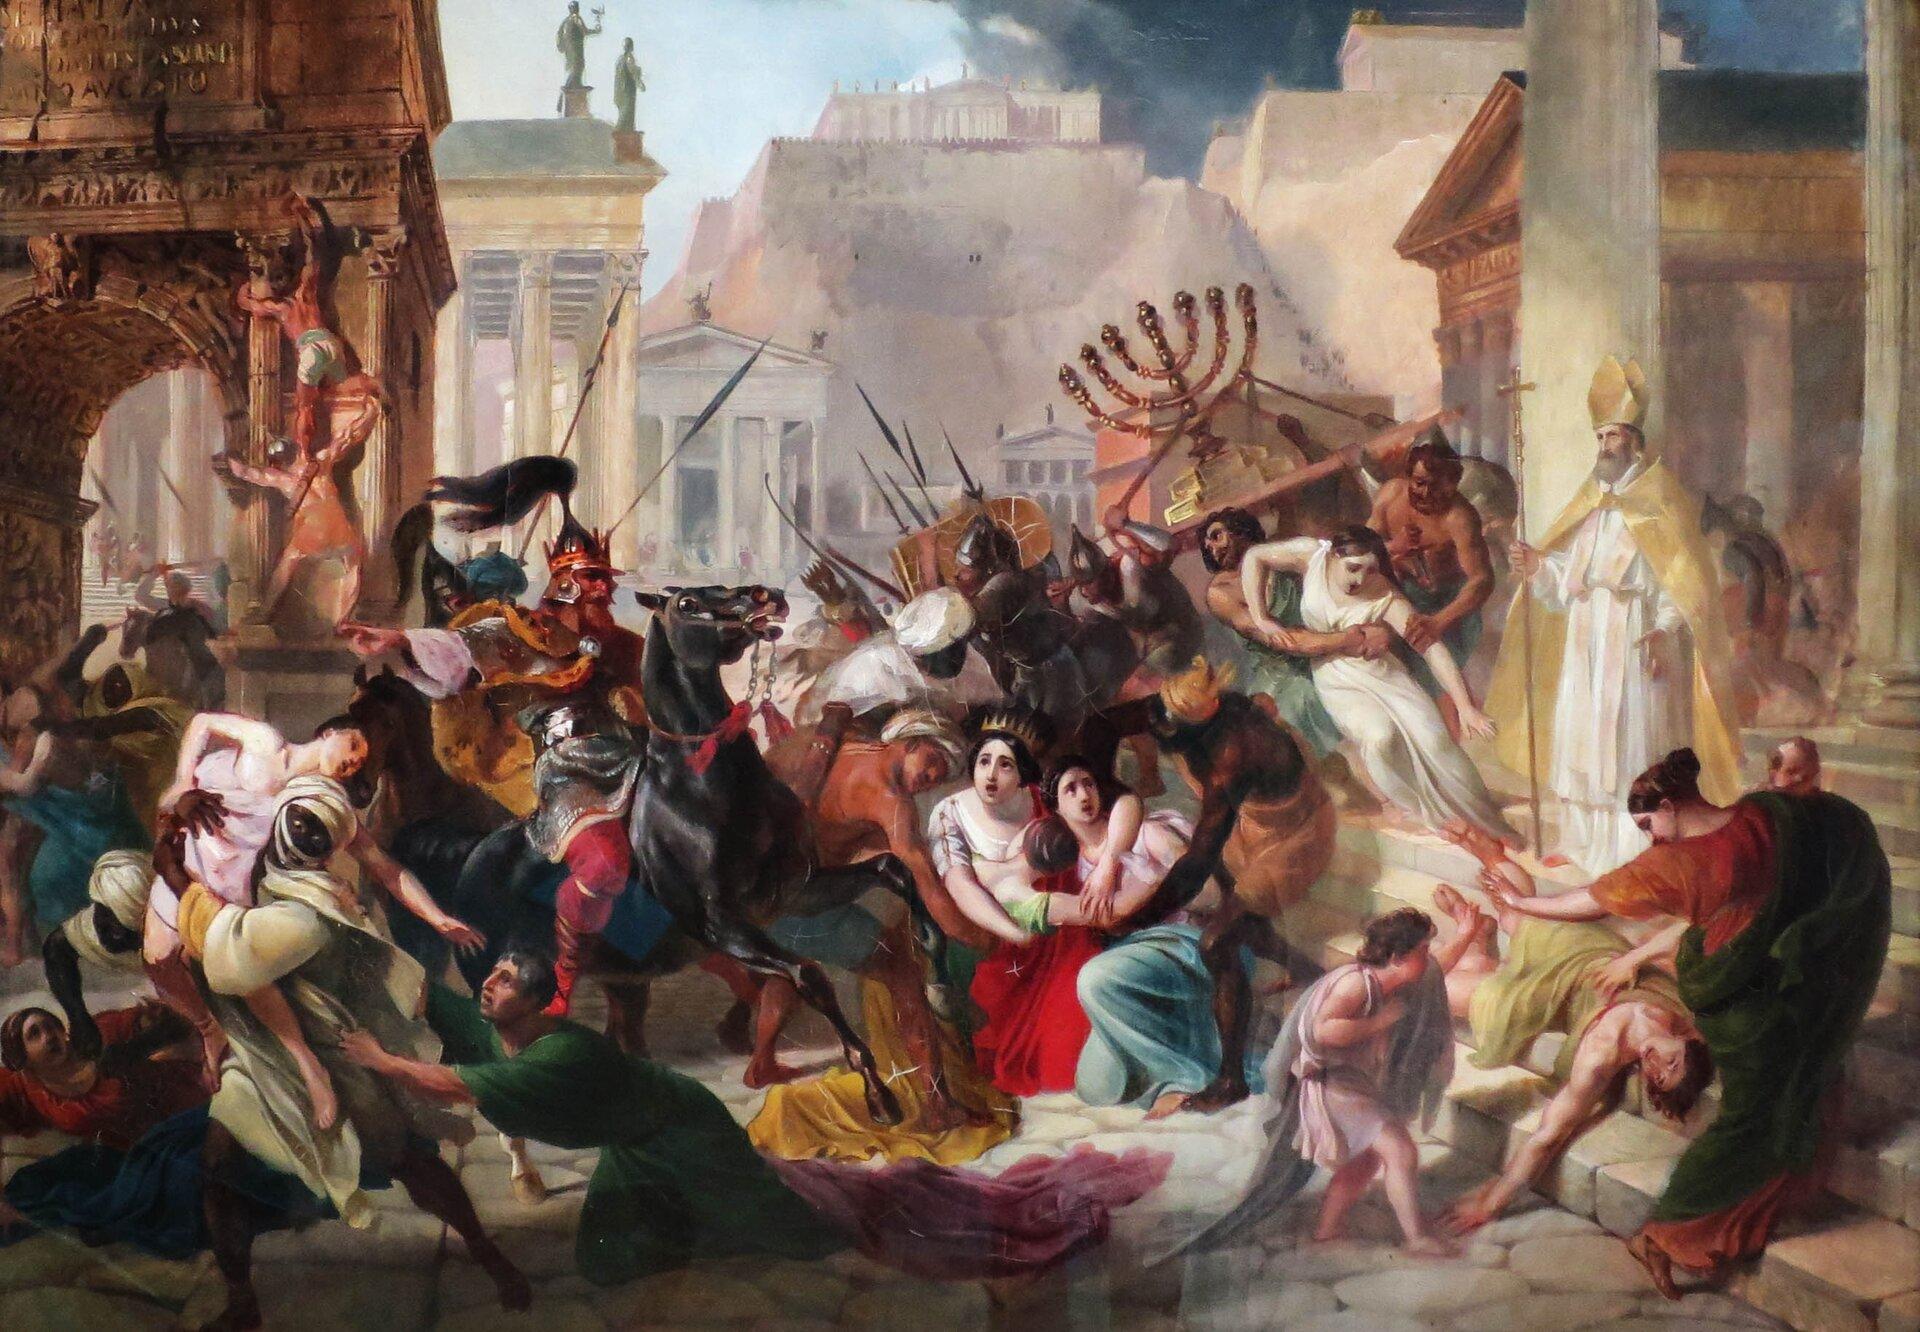 Genzeryk zdobywa Rzym w455 roku Źródło: Karl Briullov, Genzeryk zdobywa Rzym w455 roku, domena publiczna.